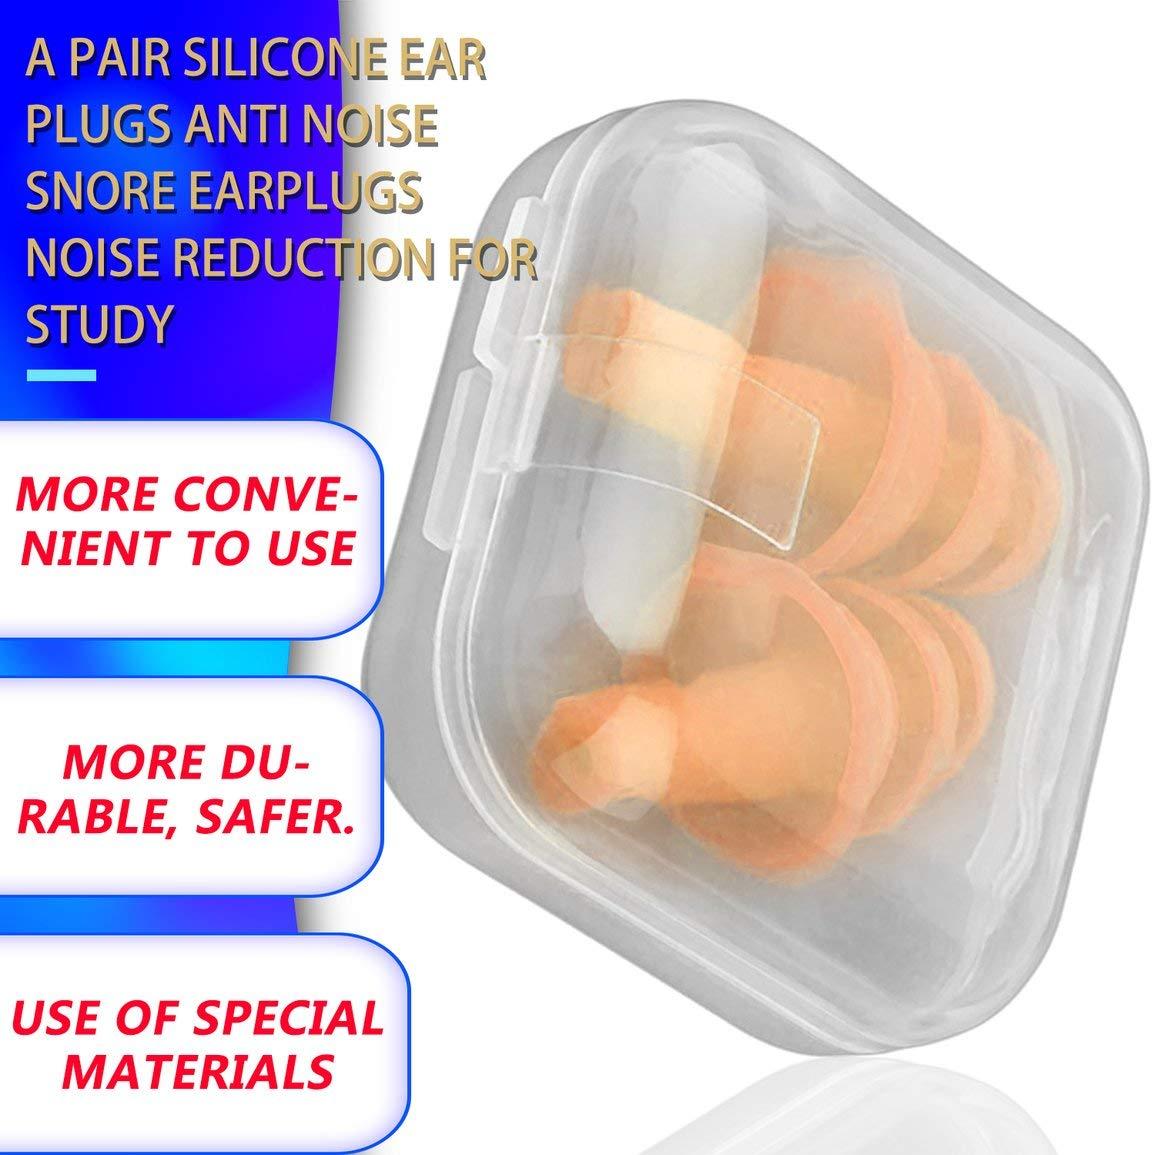 Garciasia Un par de tapones para los o/ídos de silicona convenientes Tapones para los o/ídos que roncan contra el ruido C/ómodo para dormir Accesorio de reducci/ón de ruido Color: amarillo